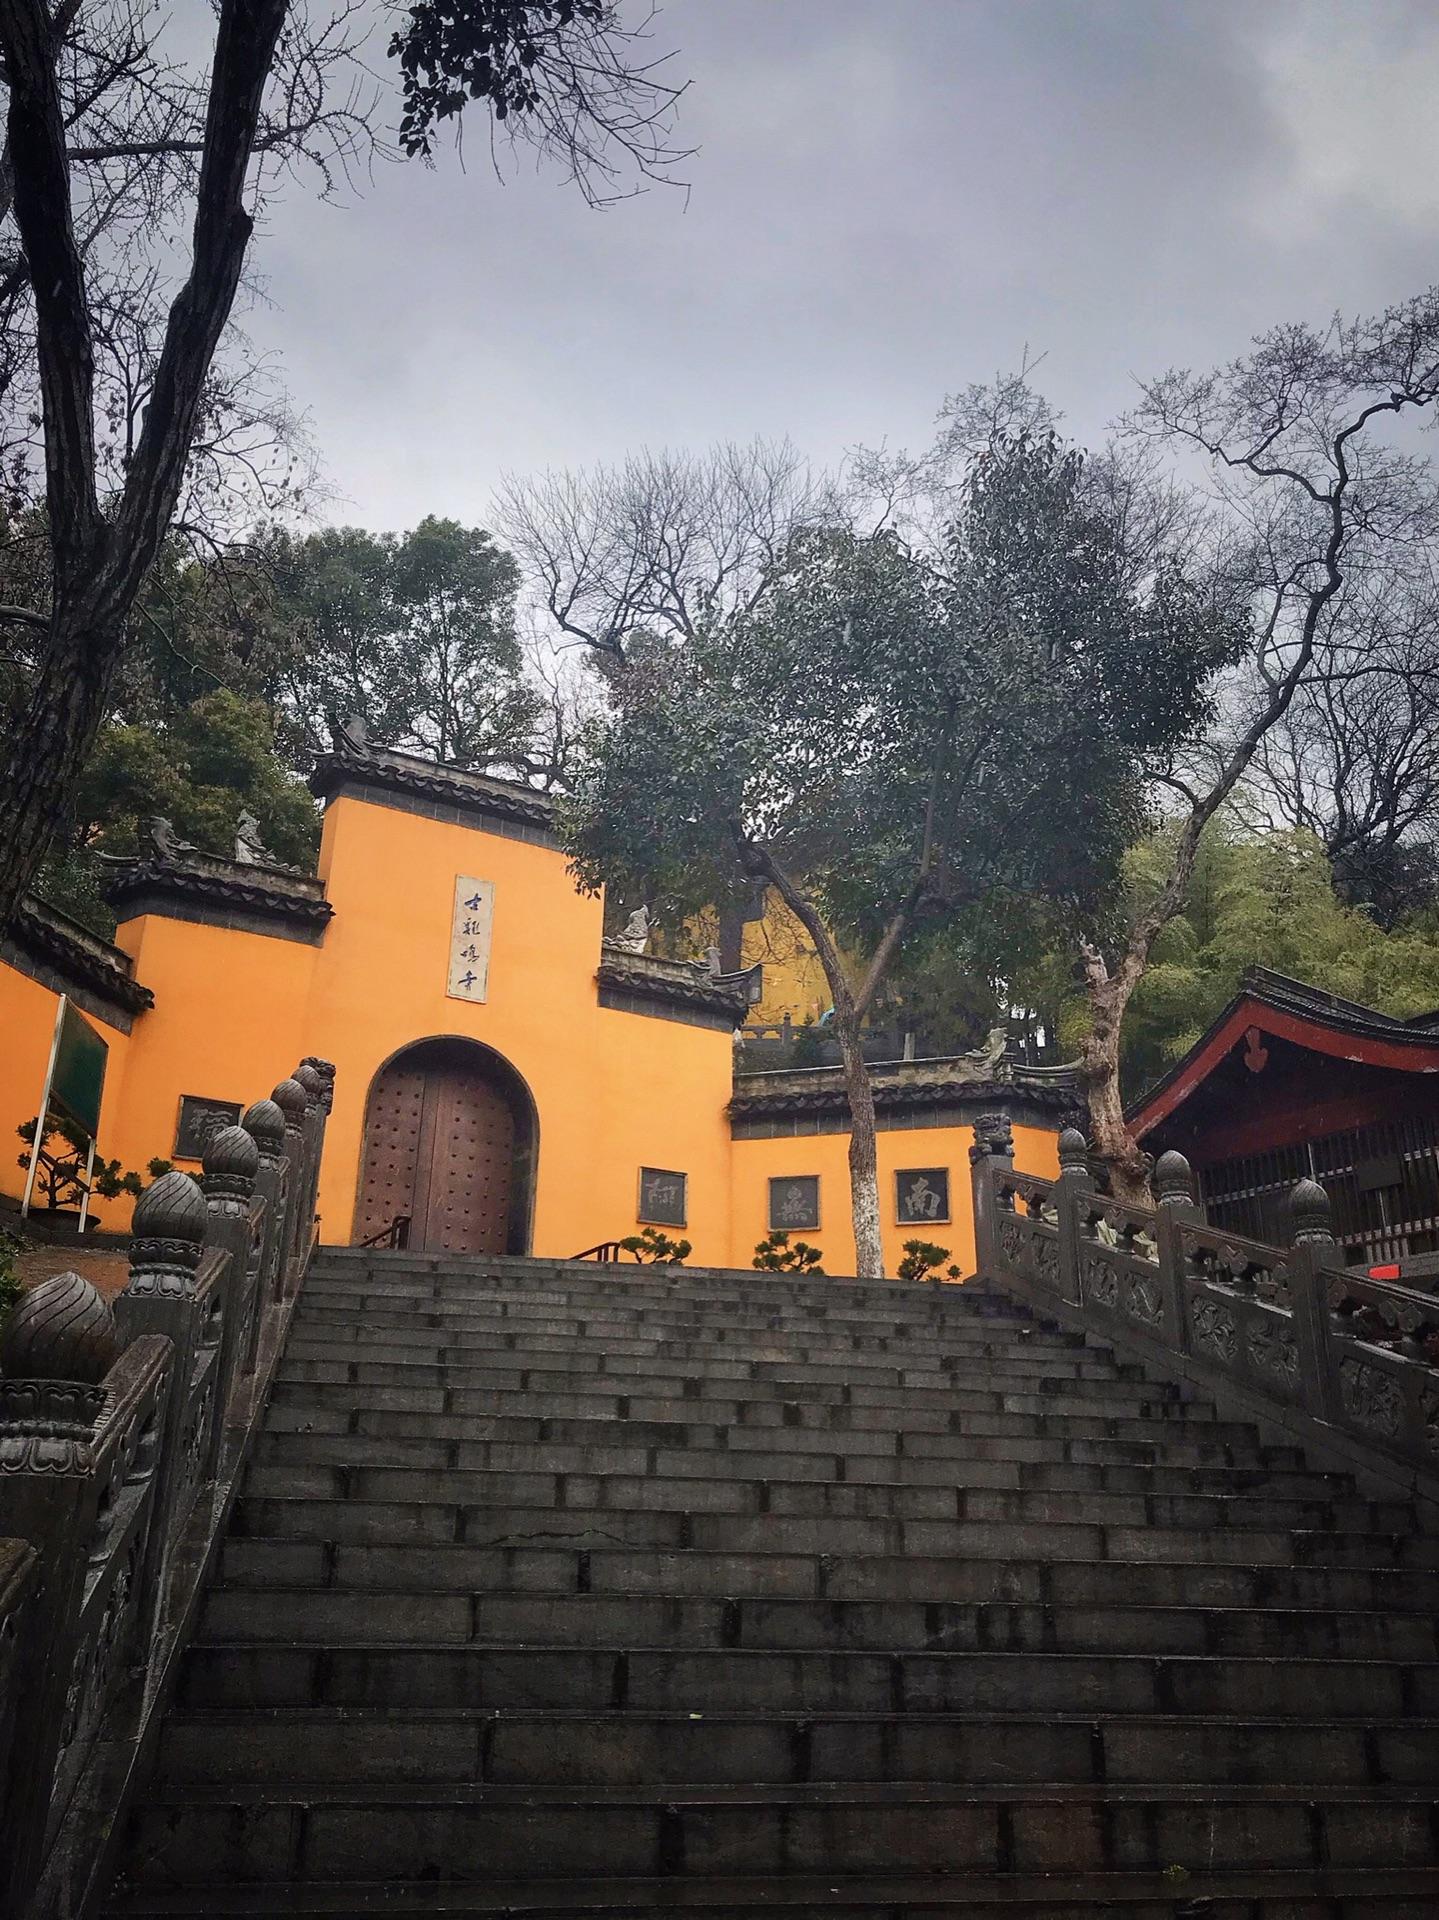 雨天之古鸡鸣寺